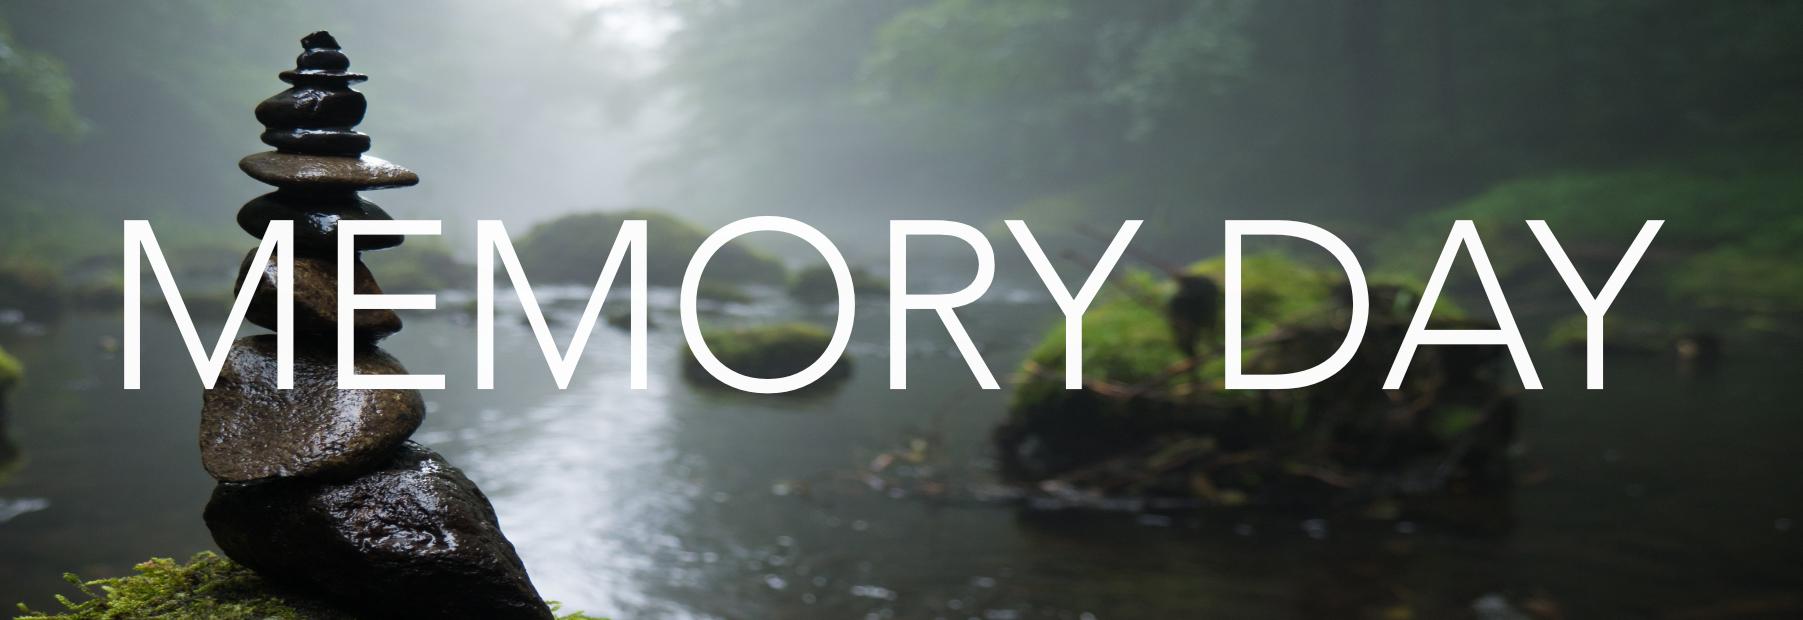 Memory Day webbanner.jpg